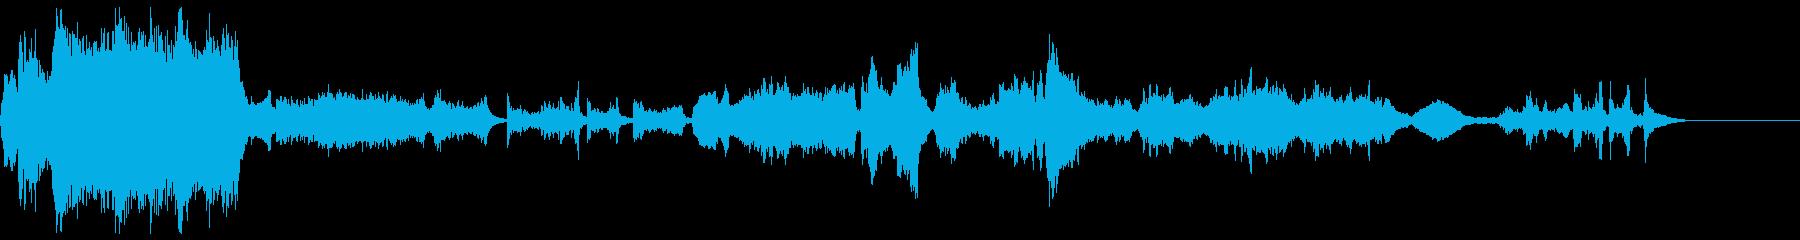 悲しい場面でよく使われるクラシック曲の再生済みの波形